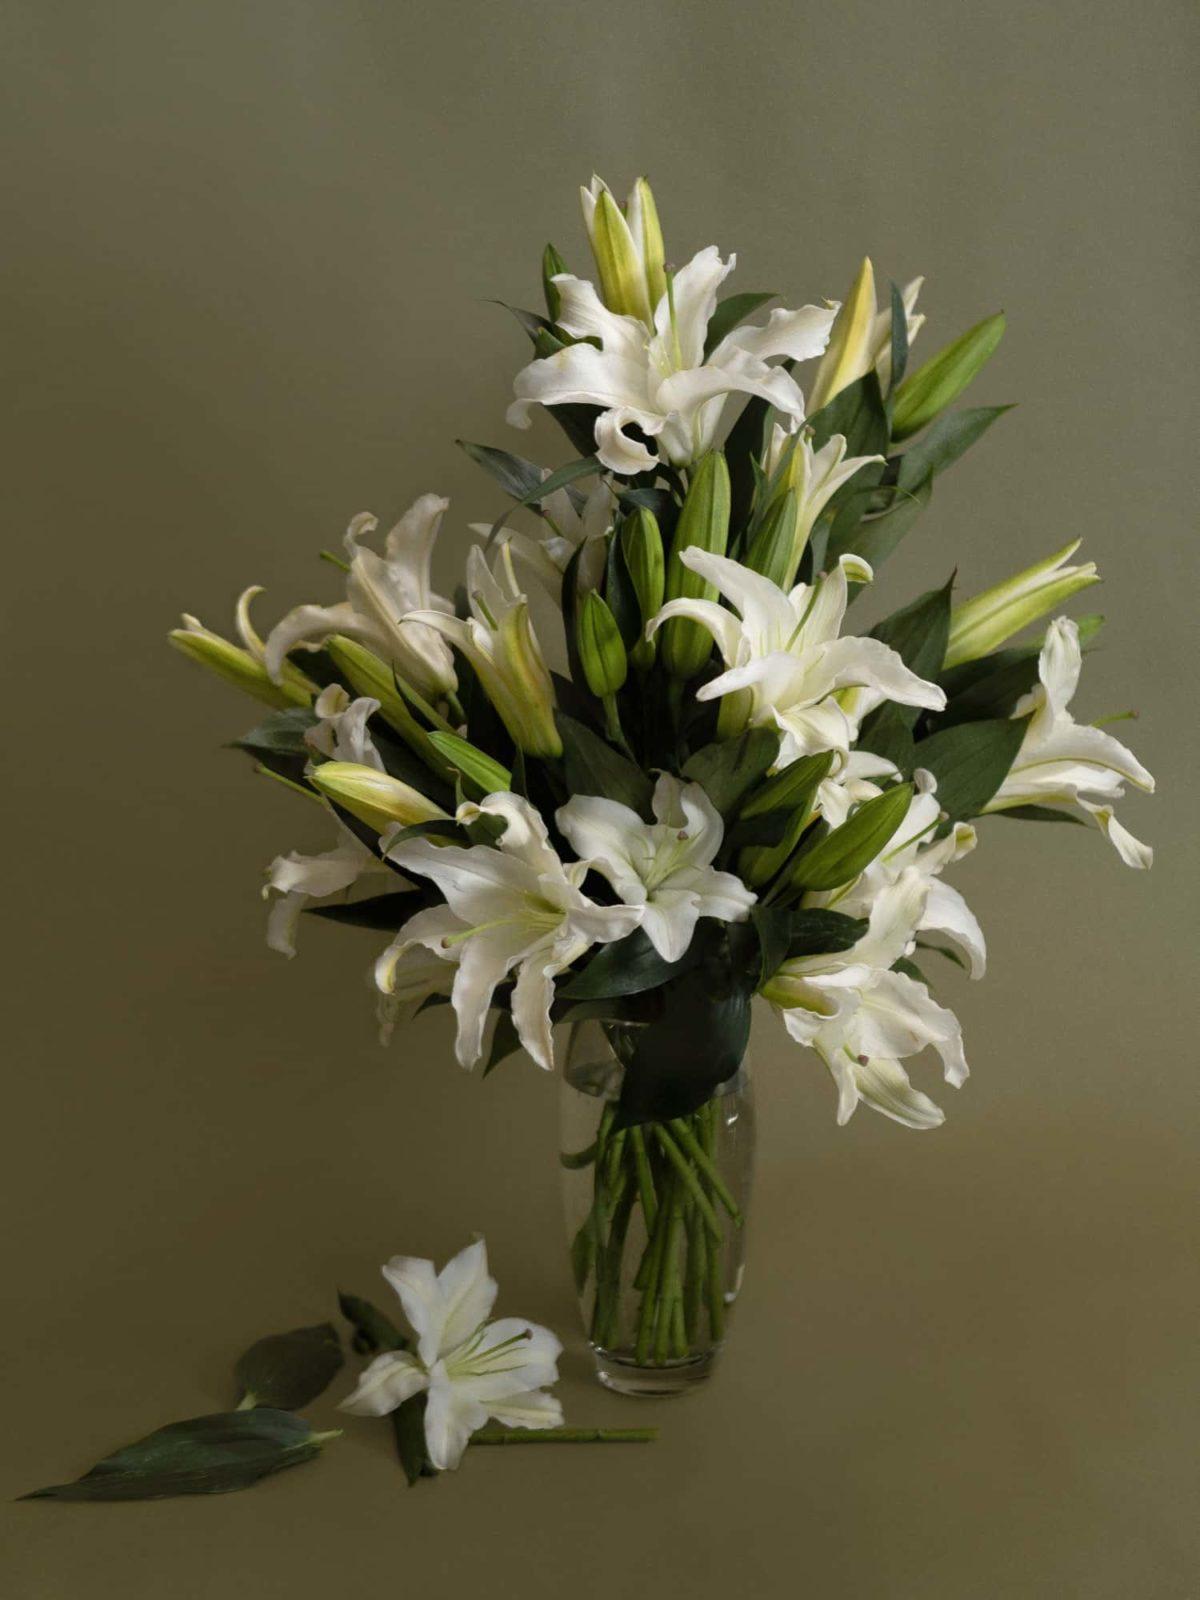 Medium Vase Arrangement